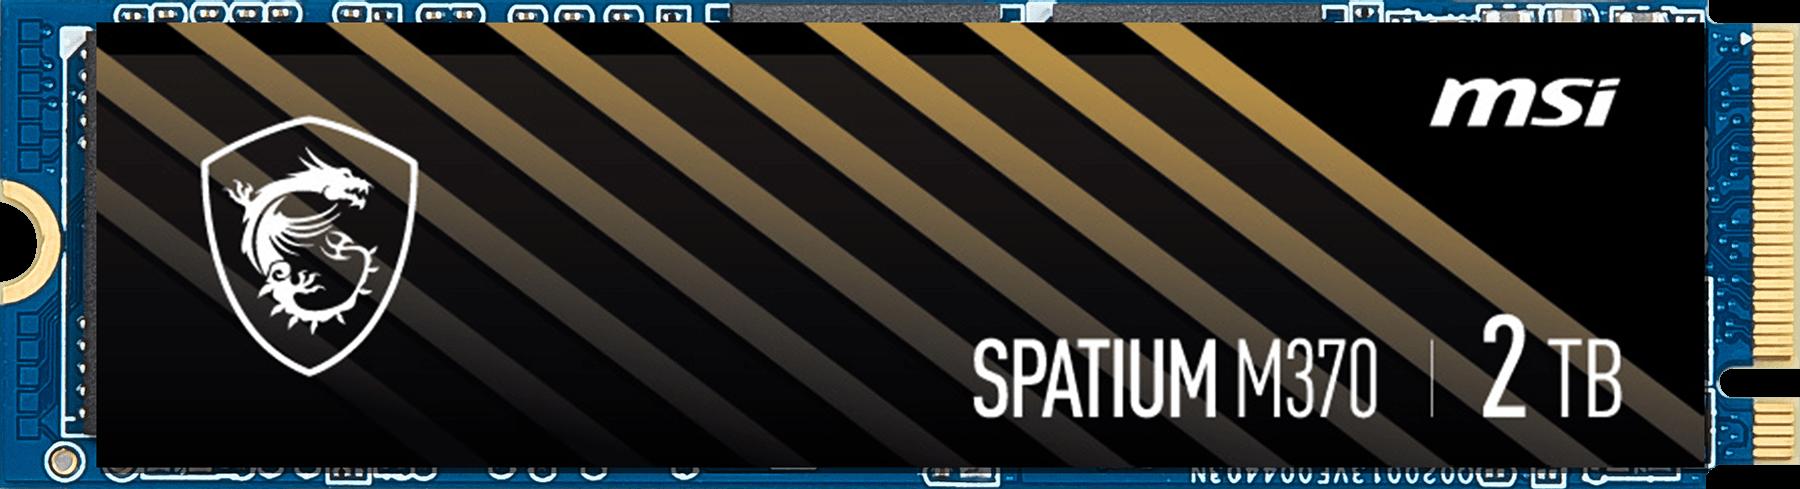 Spatium M370